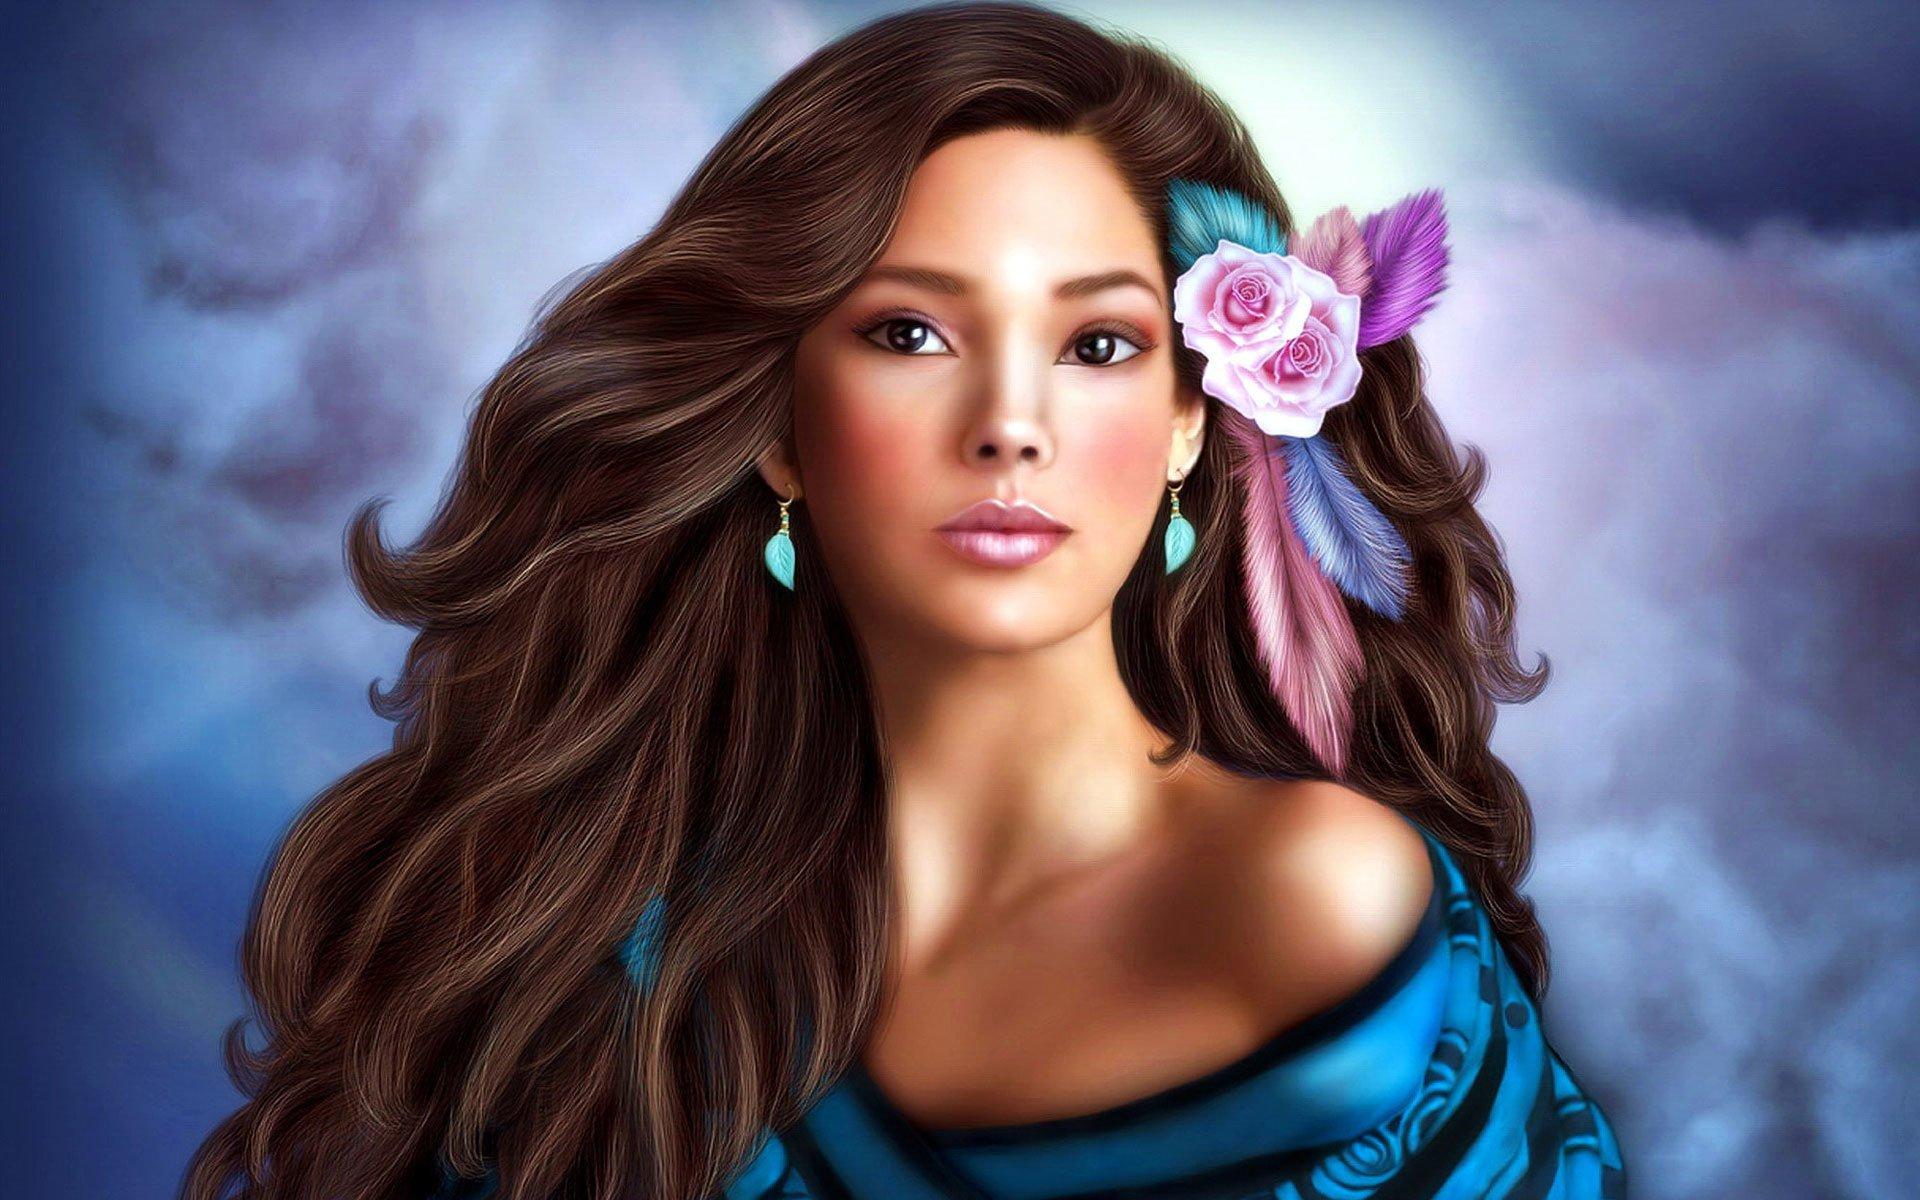 Картинки для фотошопа красивые для девочек, открытки для